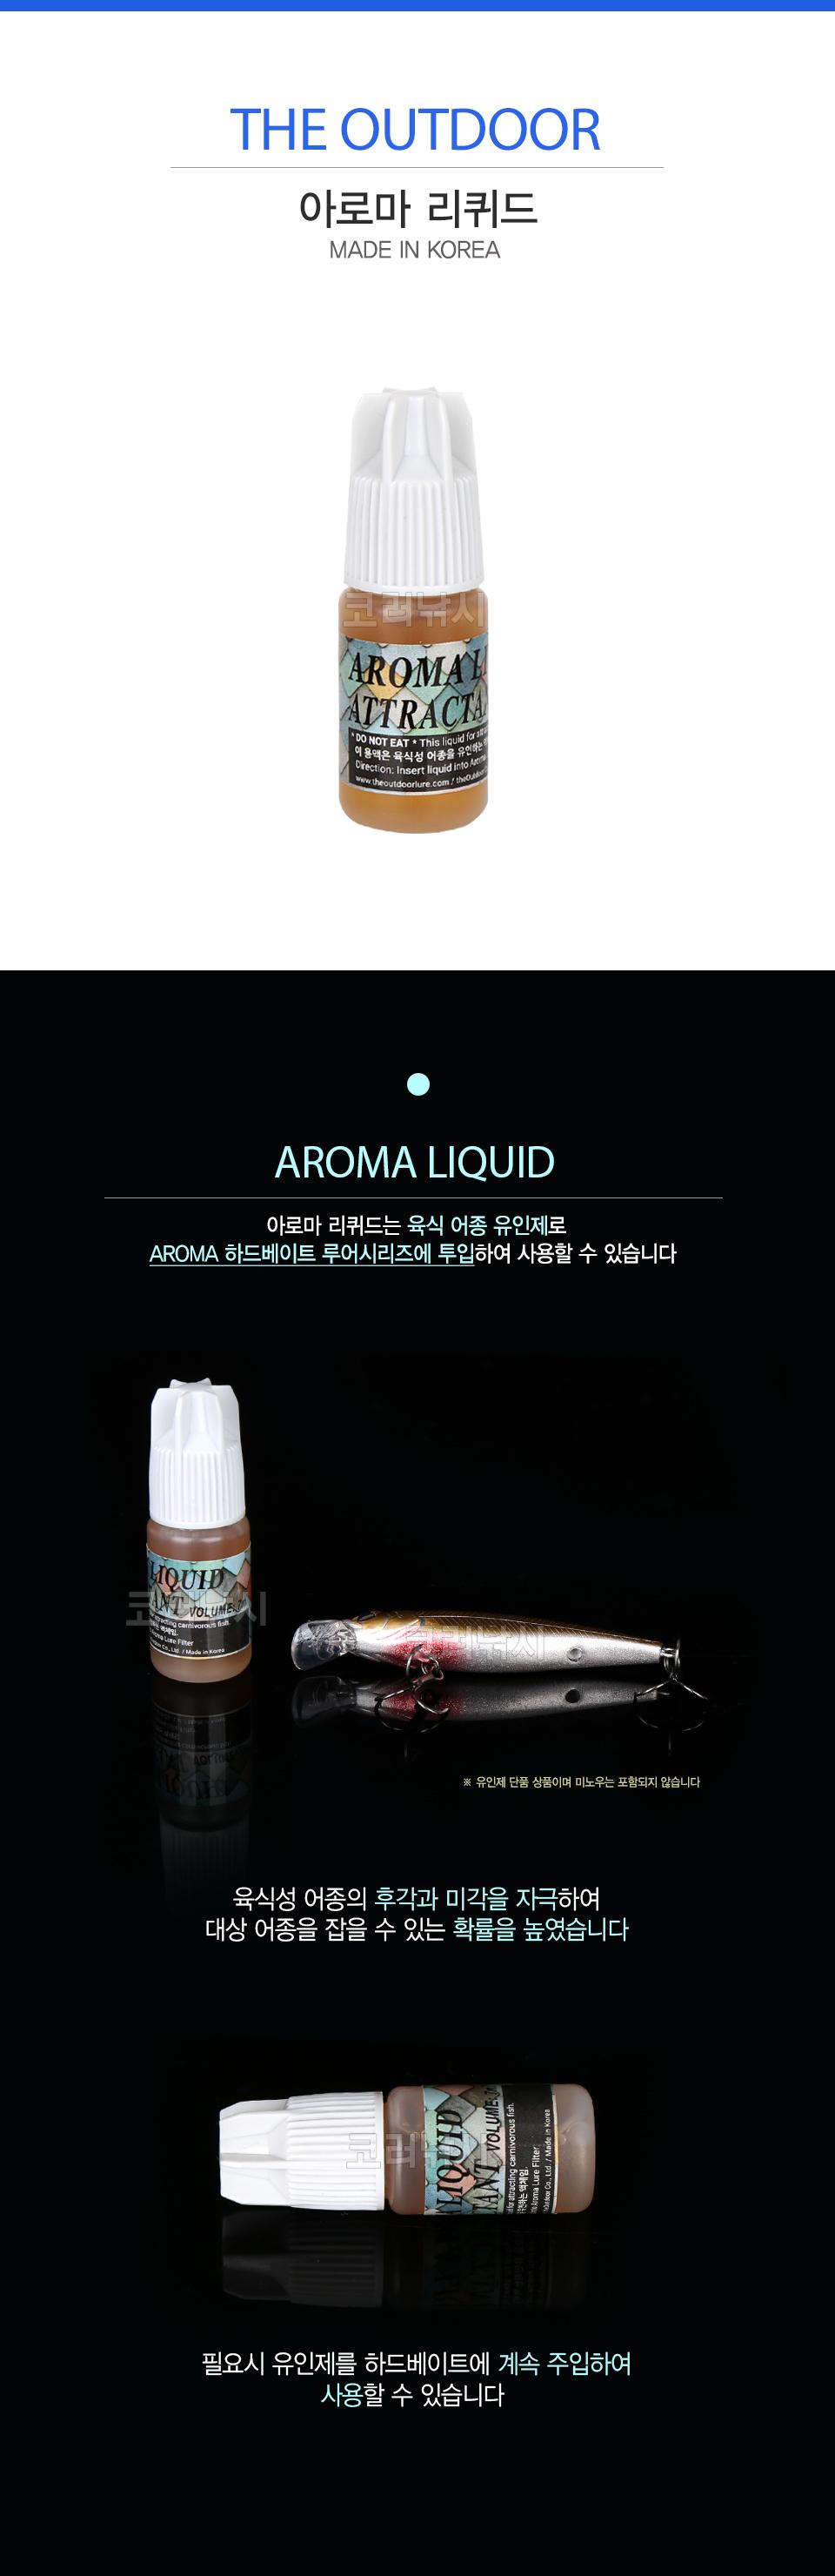 디아웃도어 아로마 리퀴드 [AROMA LIQUID] MADE IN KOREA  루어유인제 미각 후각